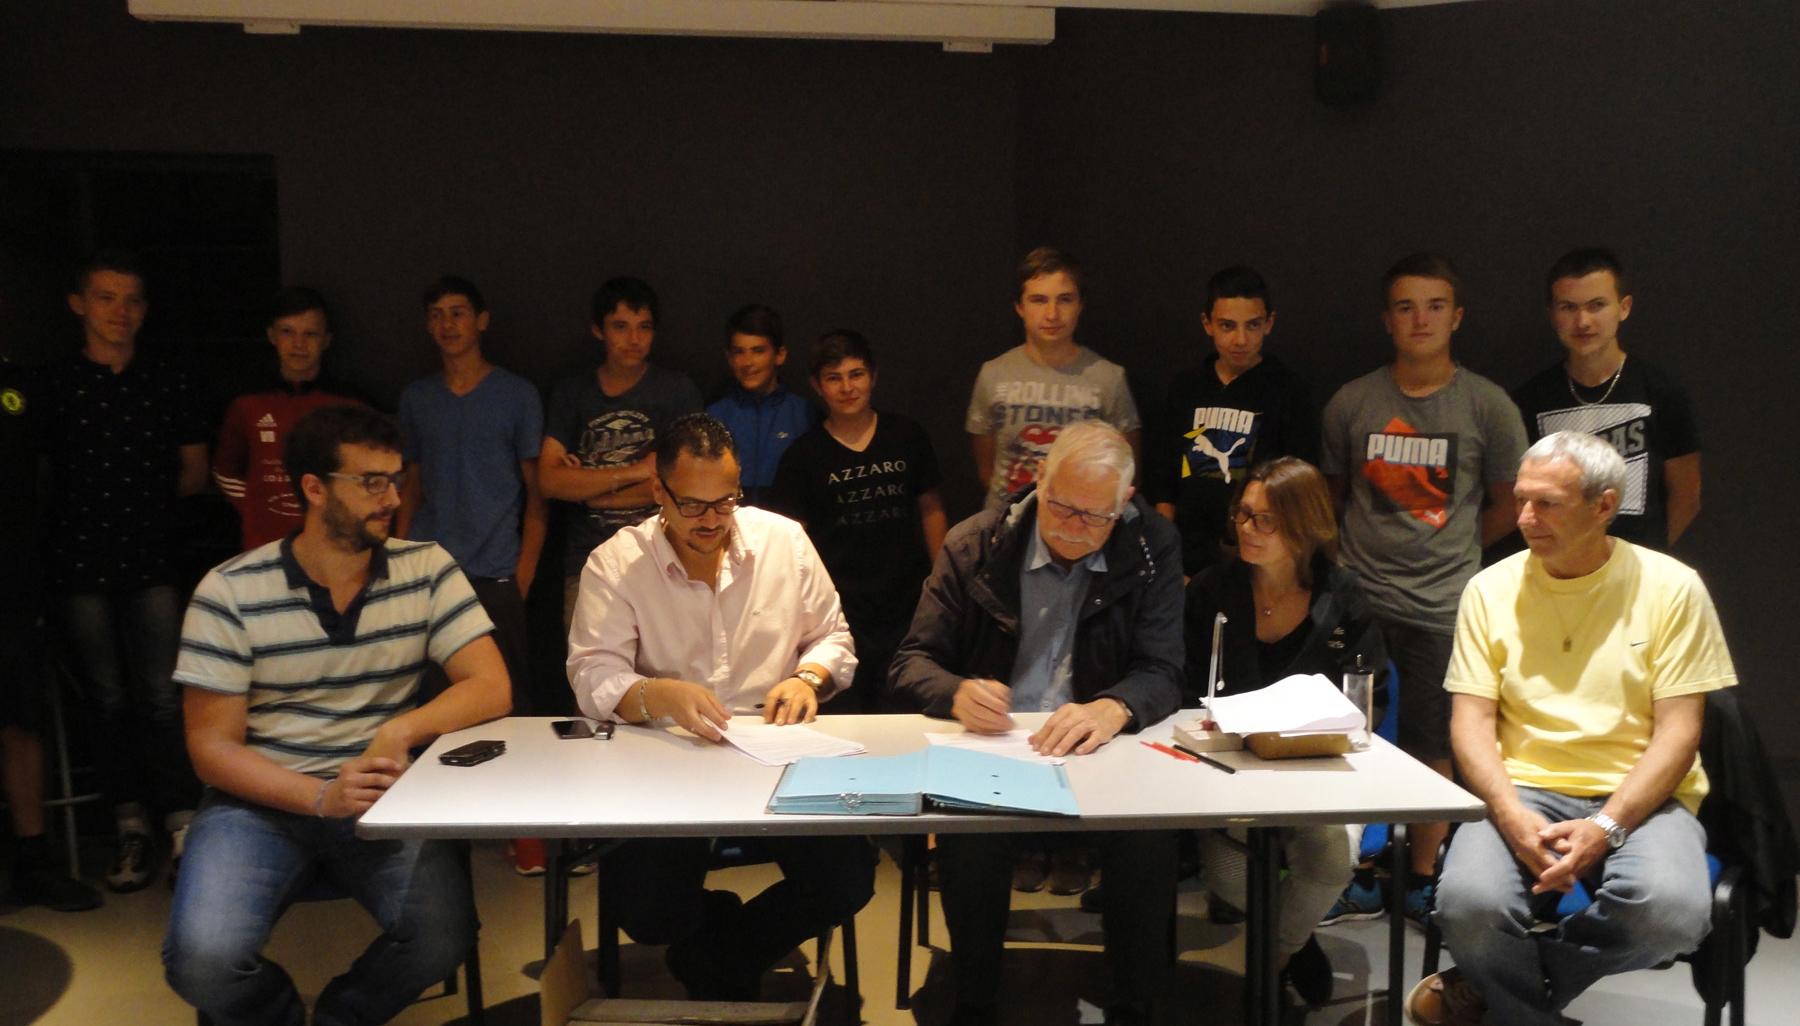 6ème année de partenariat entre L'Arche des Métiers et le collège Saint-Louis du Cheylard